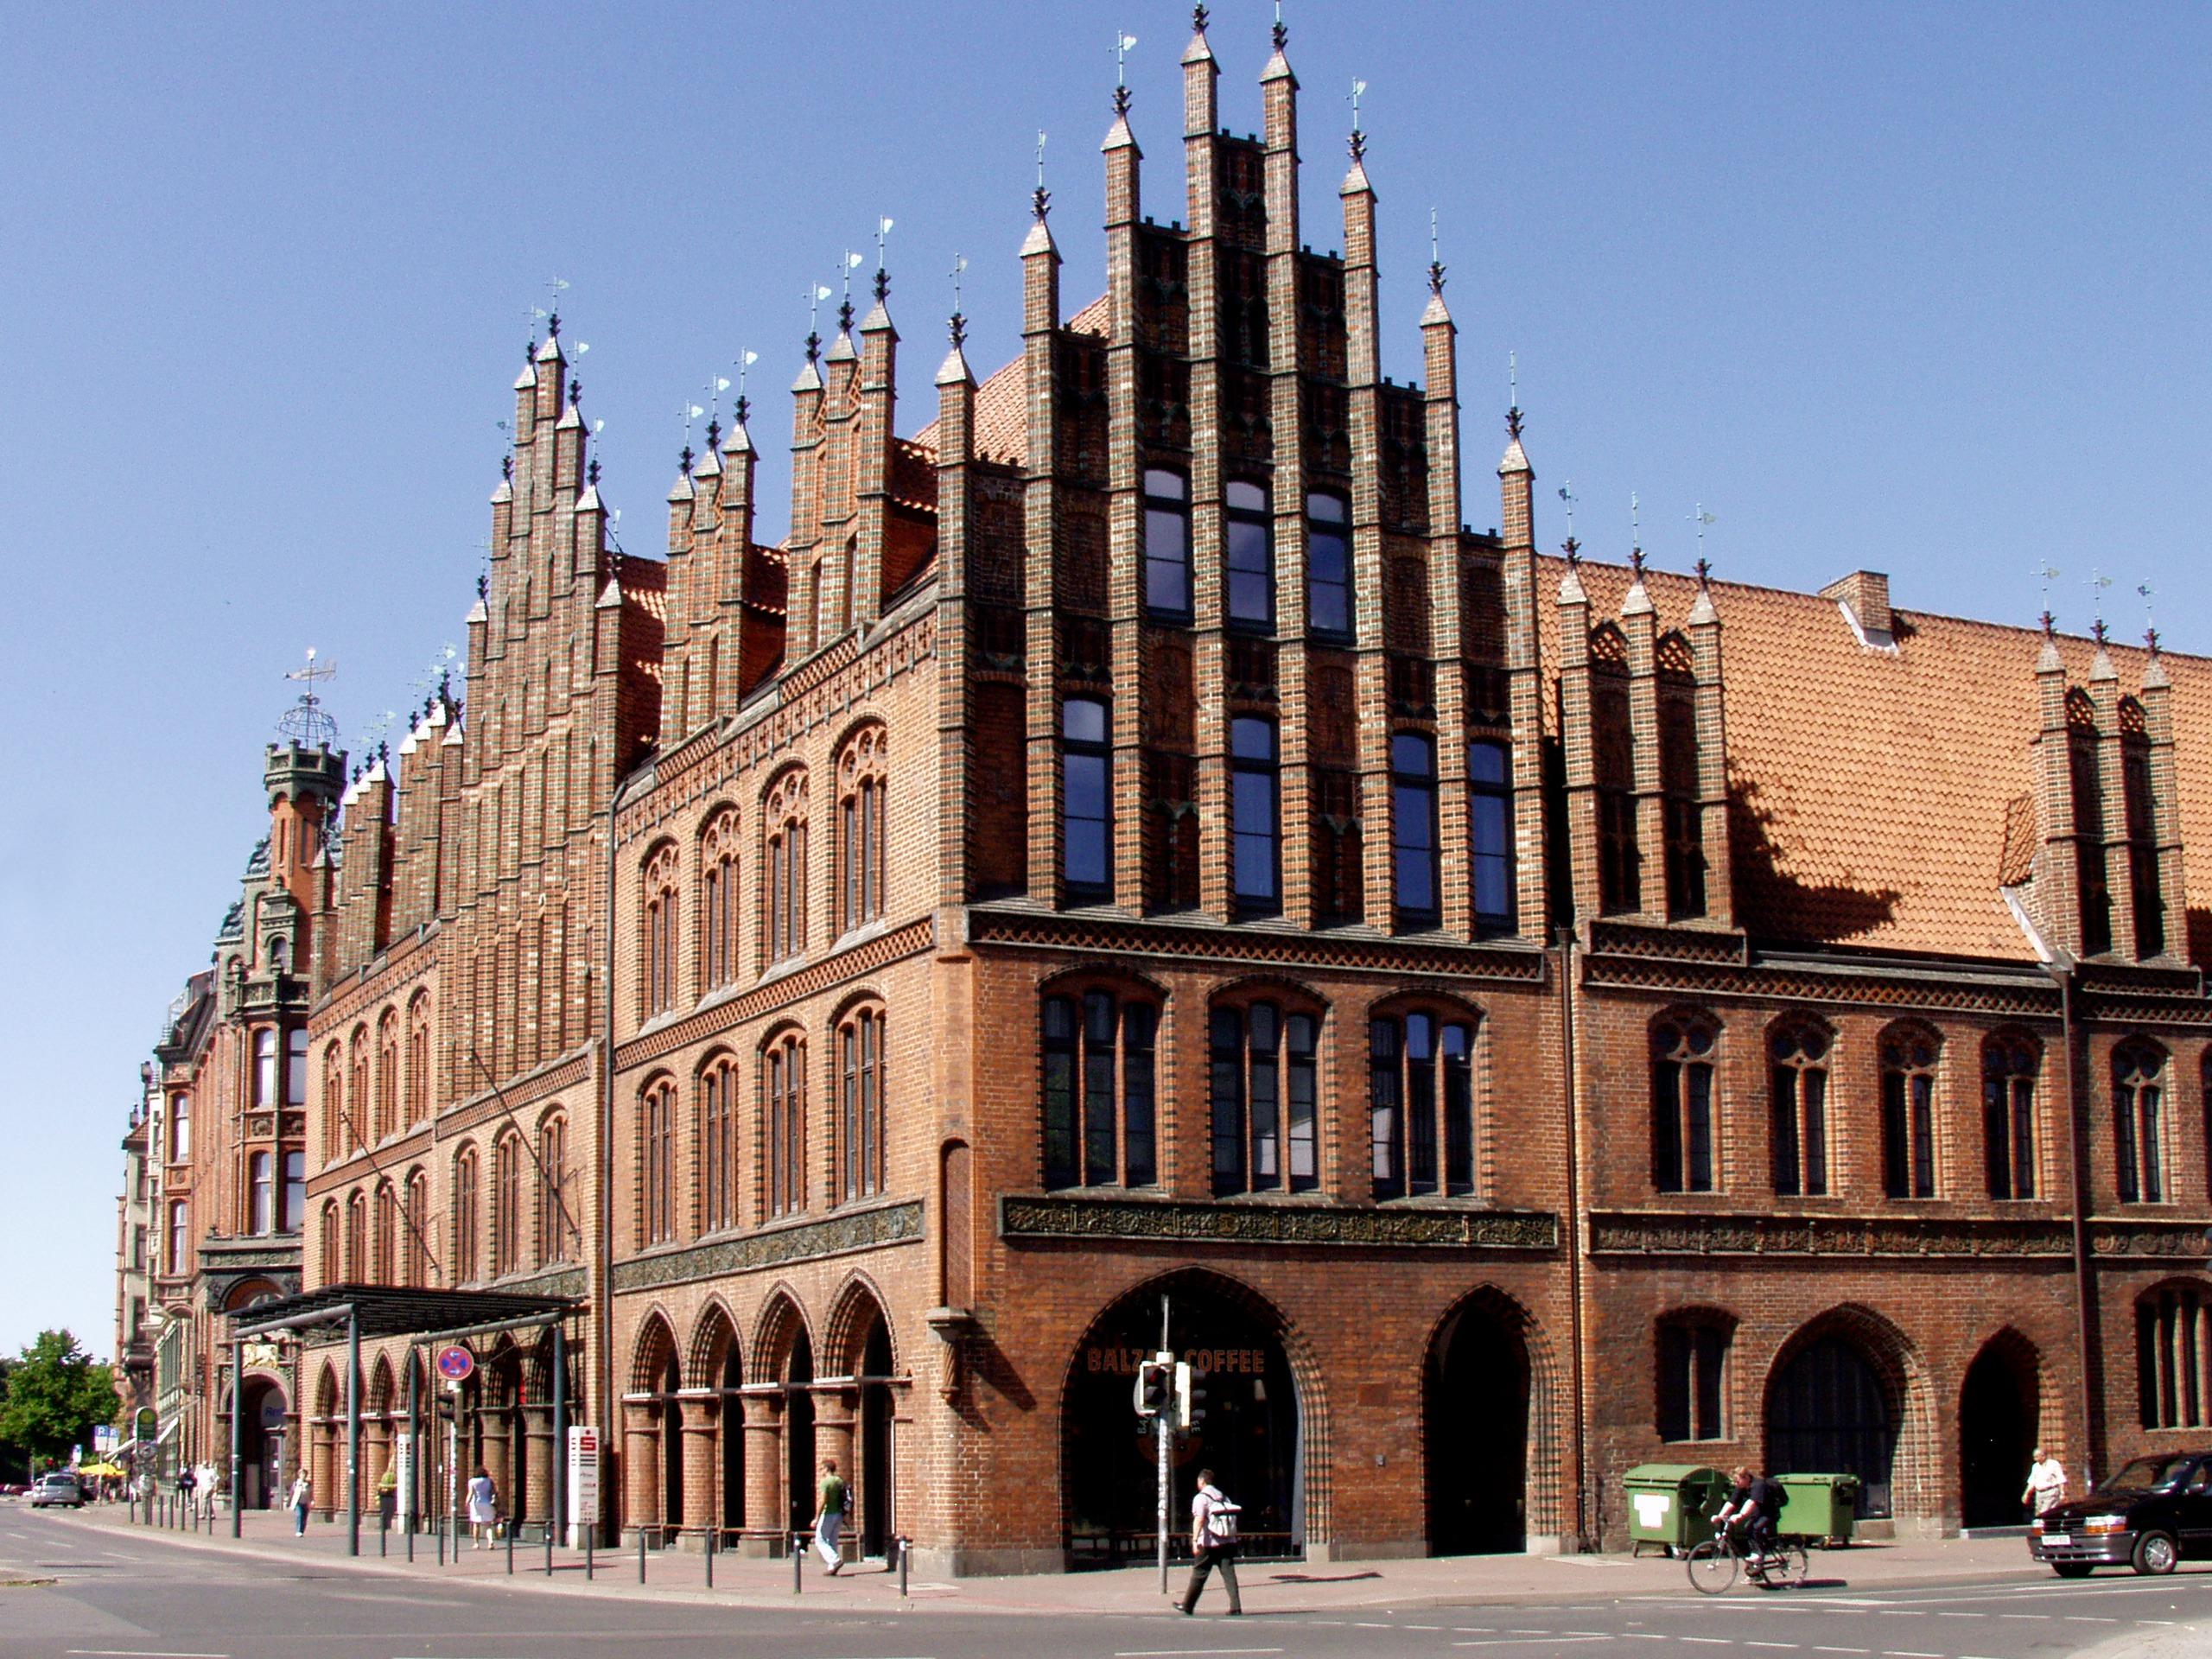 Blick auf das Alte Rathaus zu Hannover